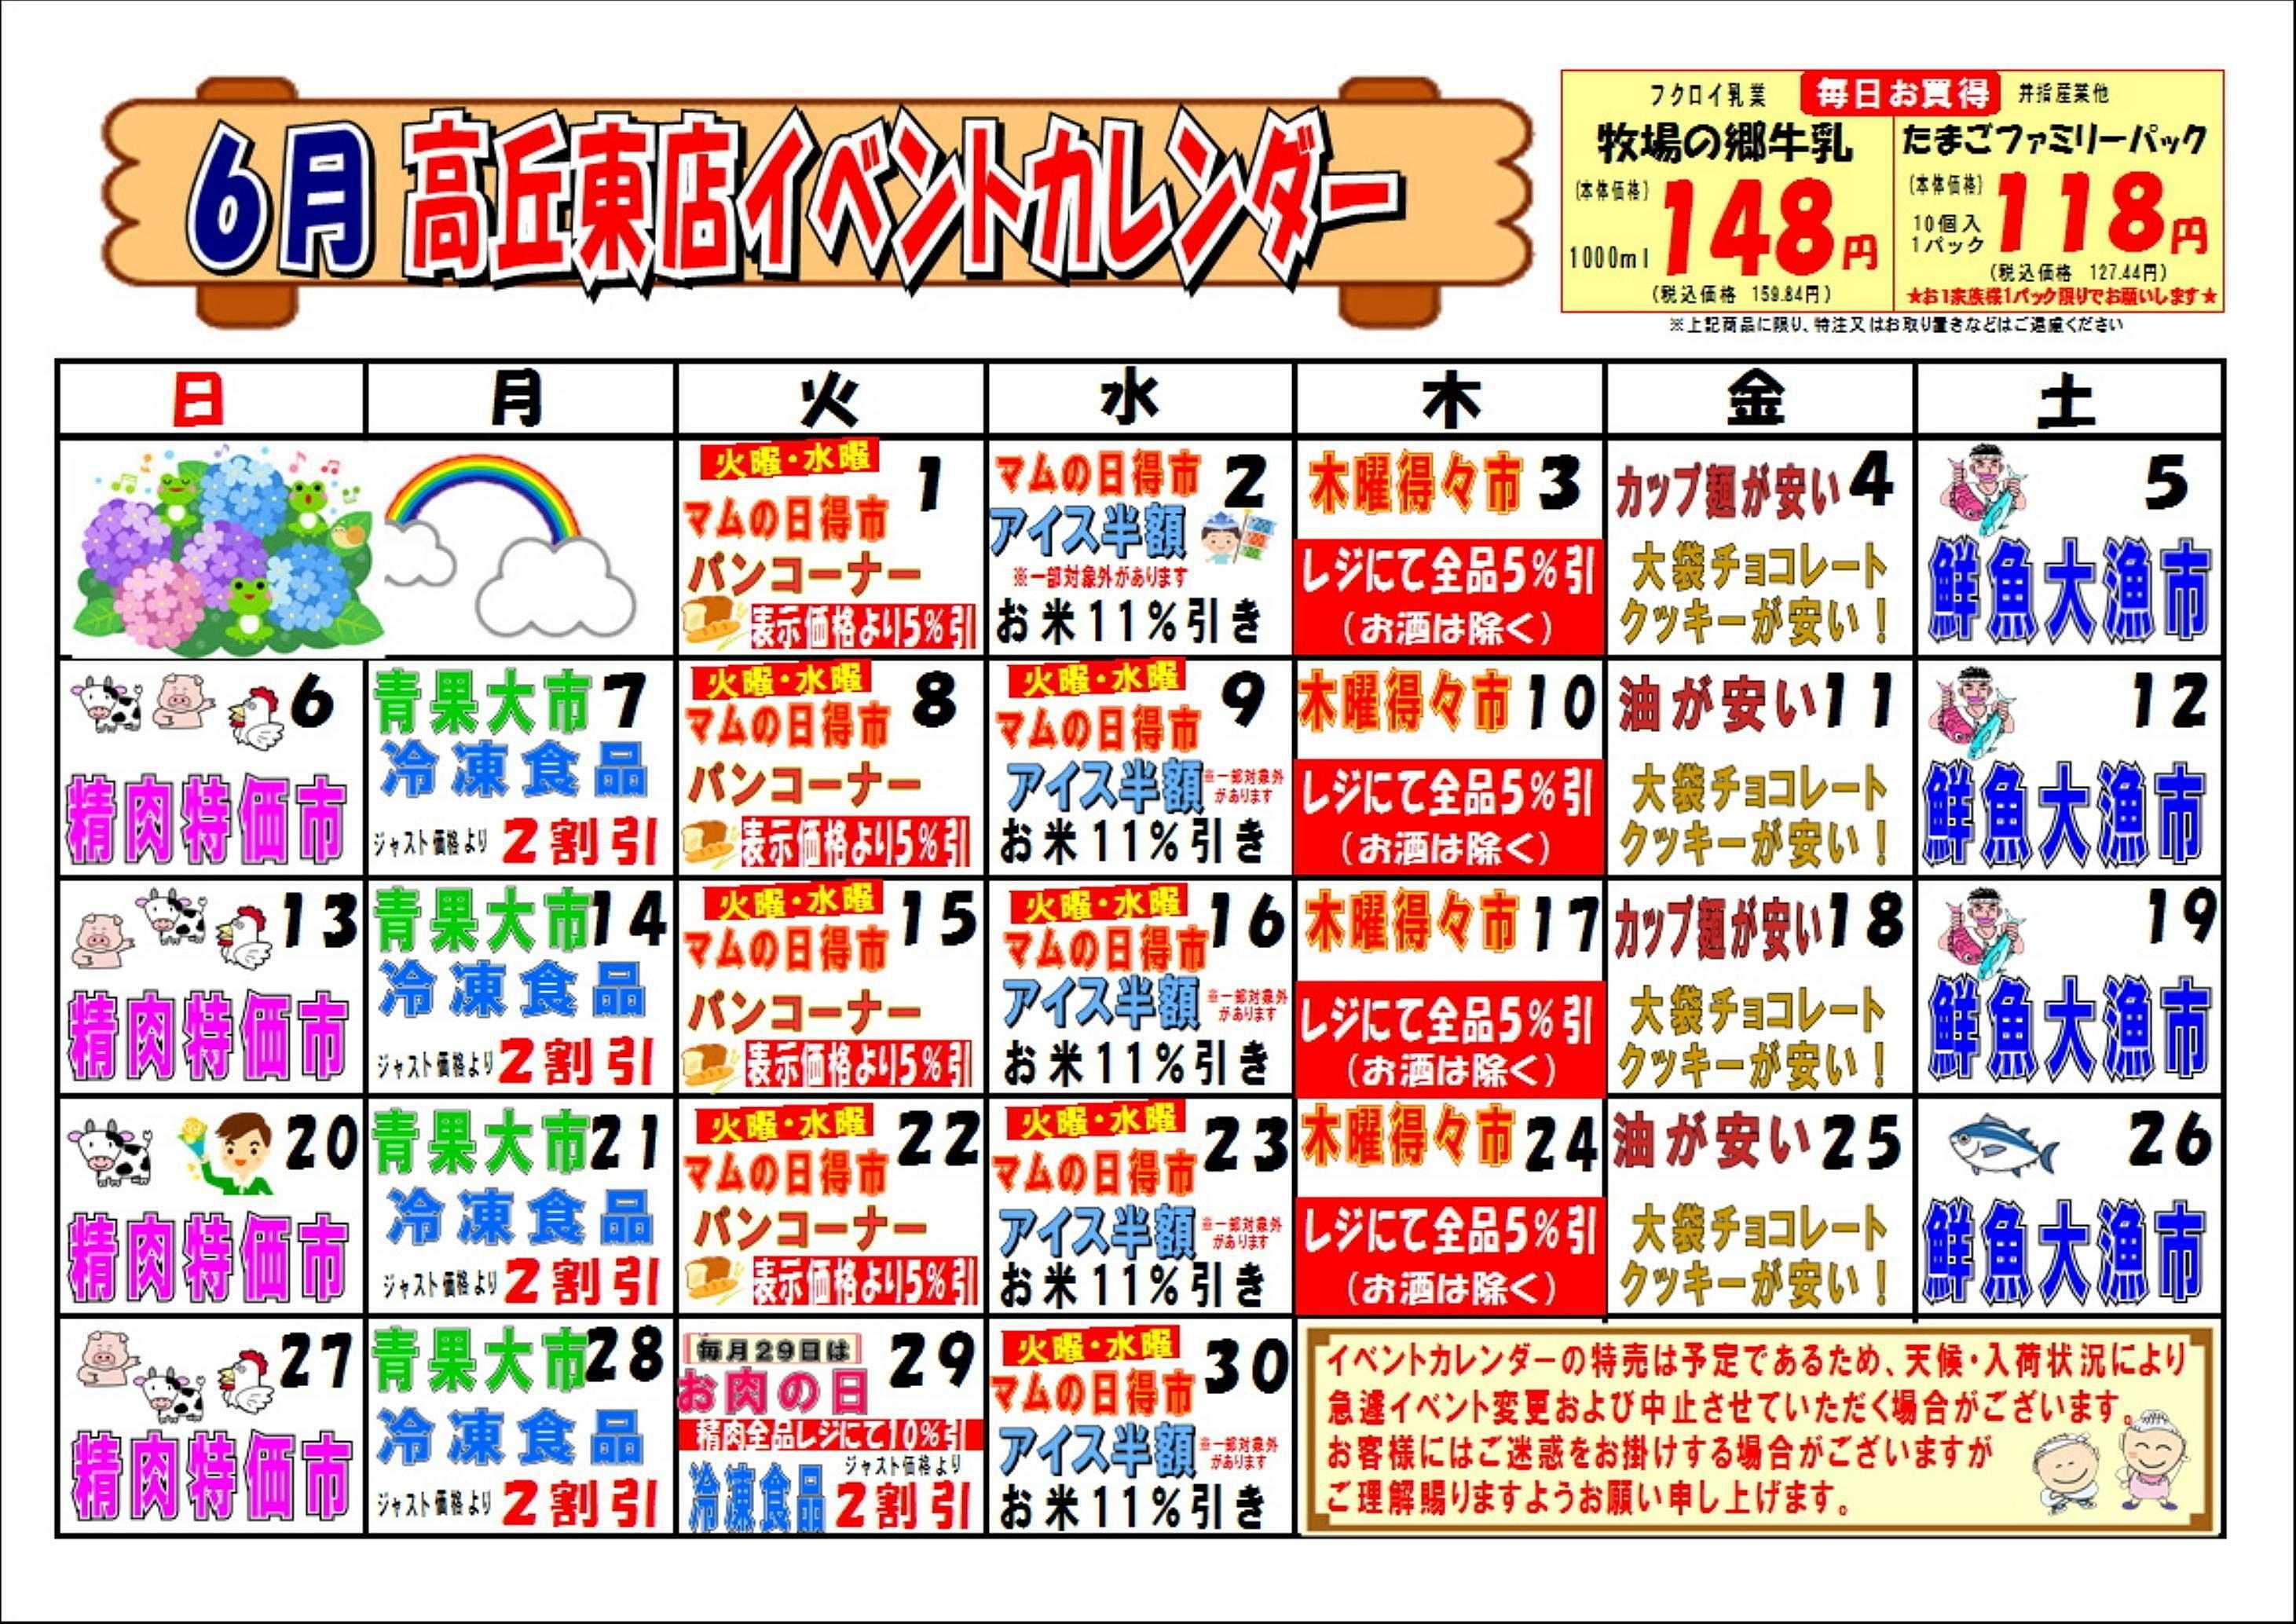 フードマーケット マム 高丘東 イベントカレンダー